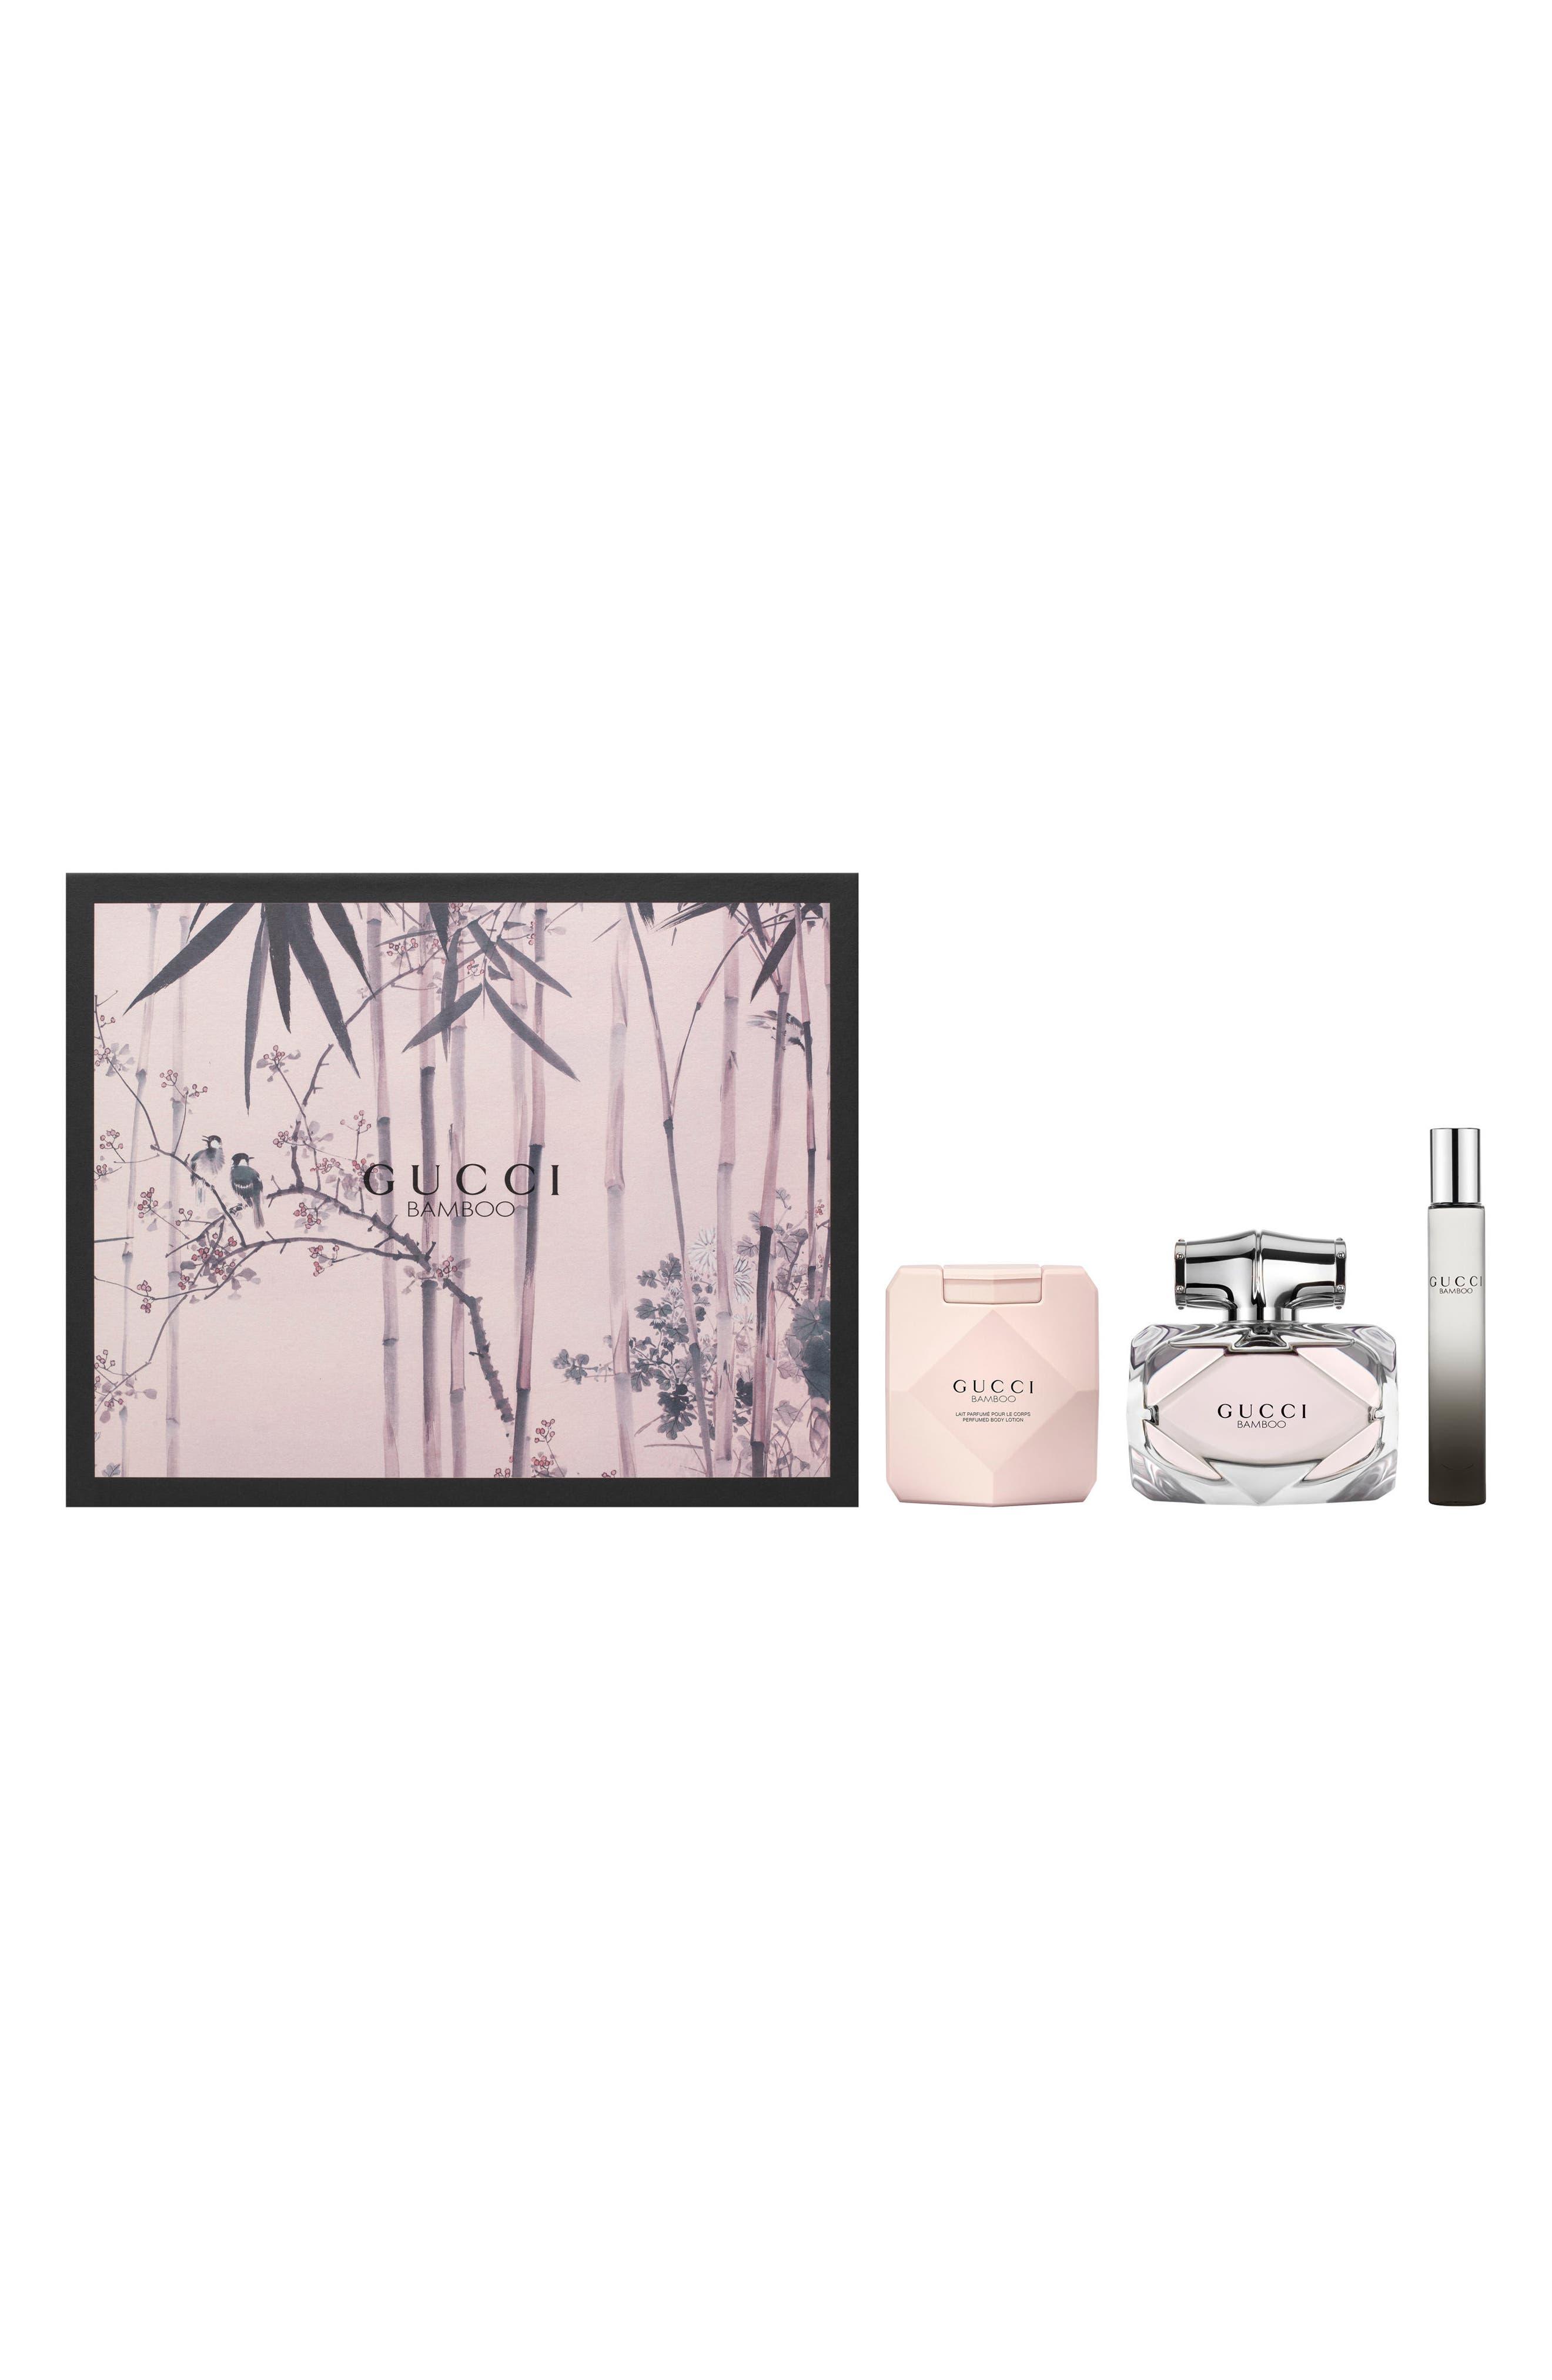 Bamboo Eau de Parfum Set,                             Main thumbnail 1, color,                             No Color